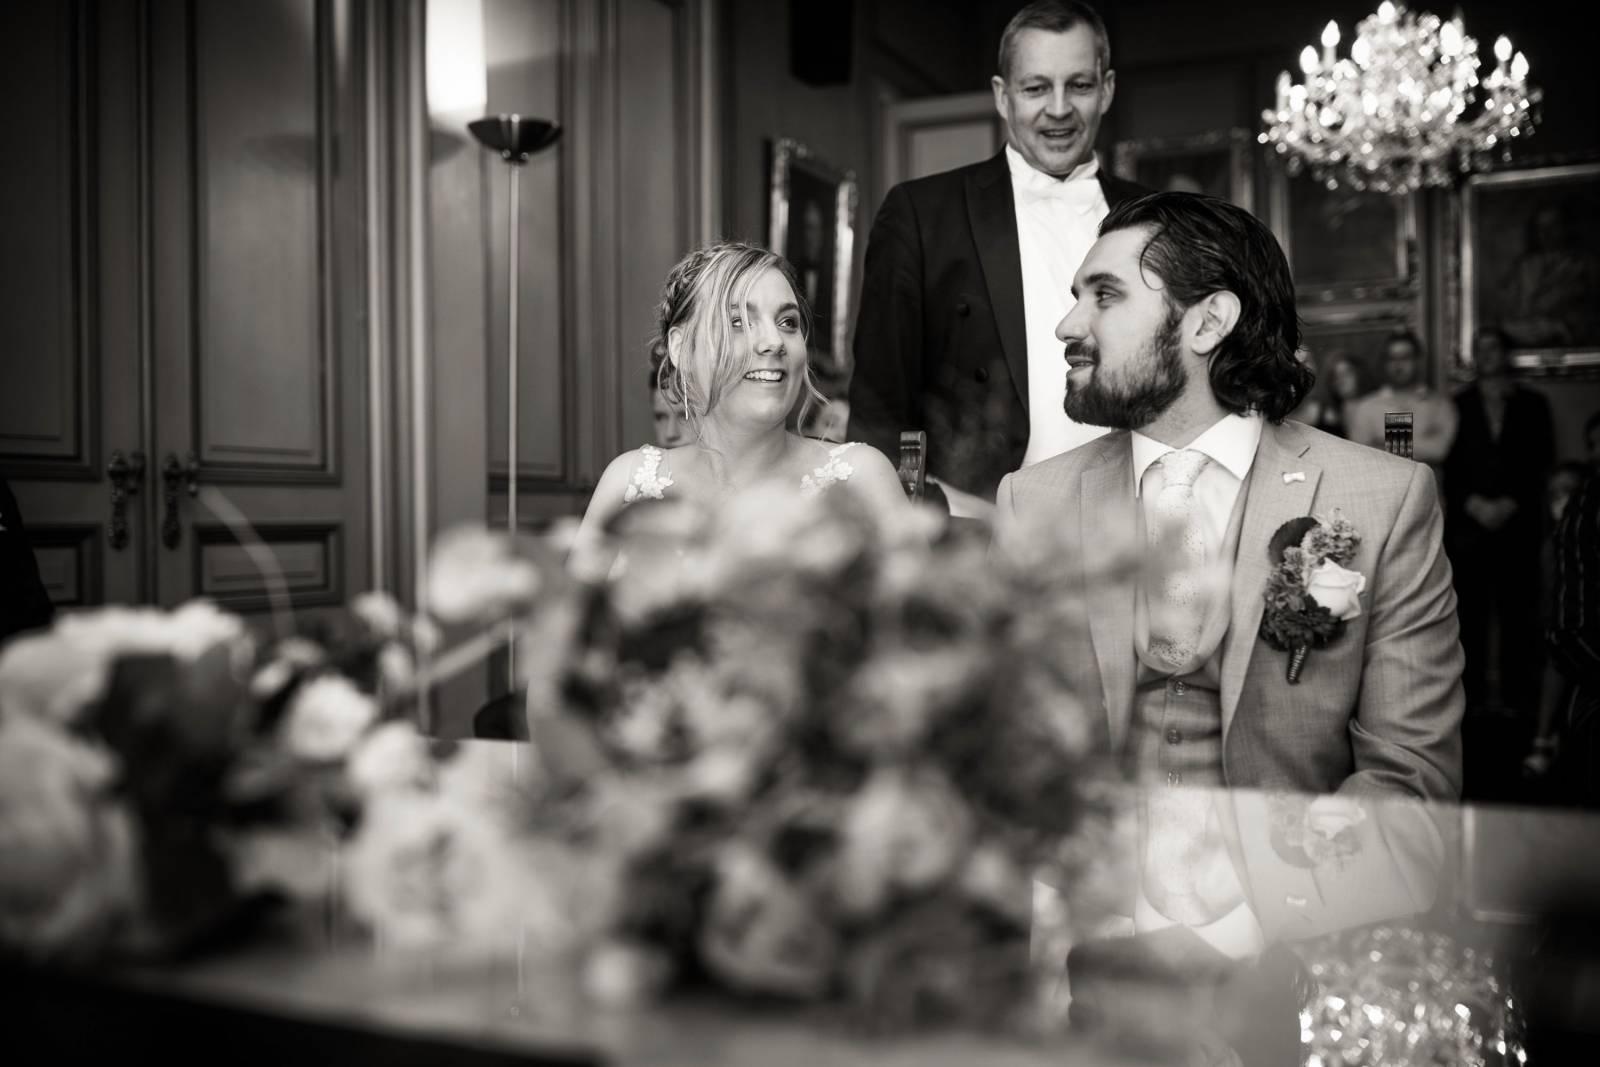 Youniekmemories - Ceremoniemeester - House of Weddings - 8